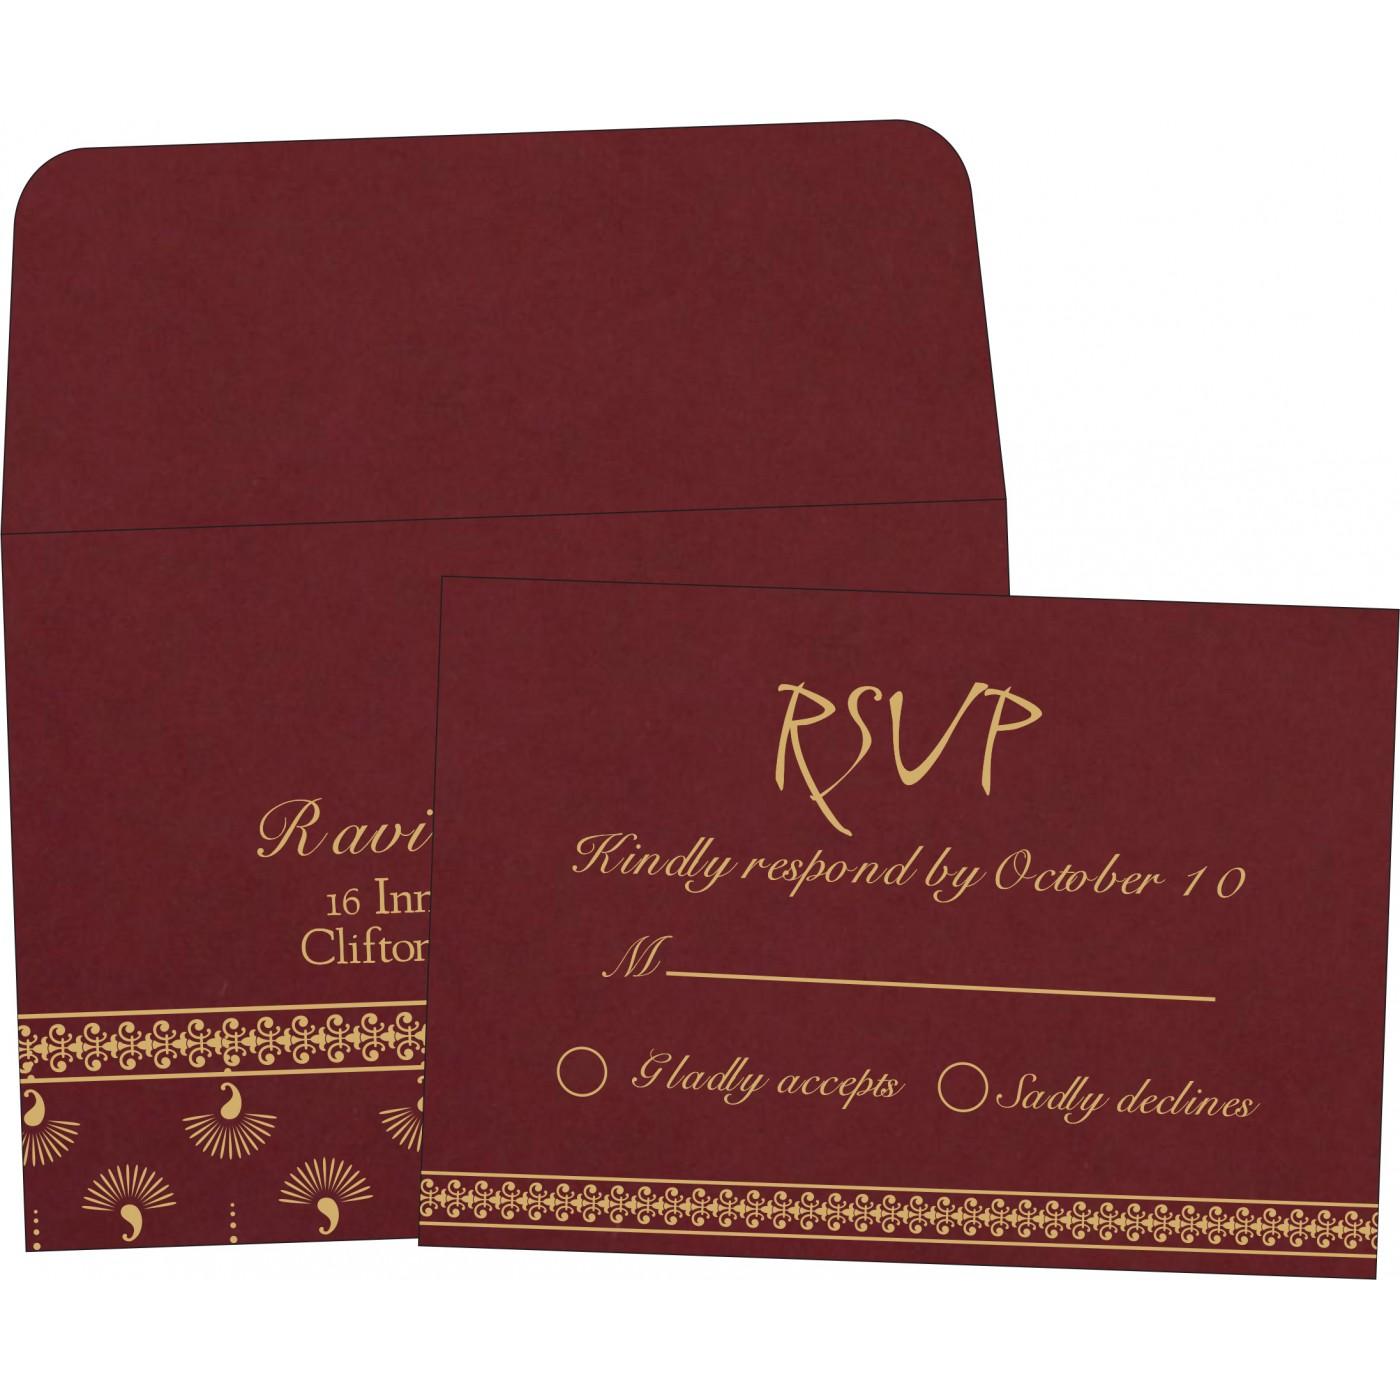 RSVP Cards : CRSVP-8247D - IndianWeddingCards